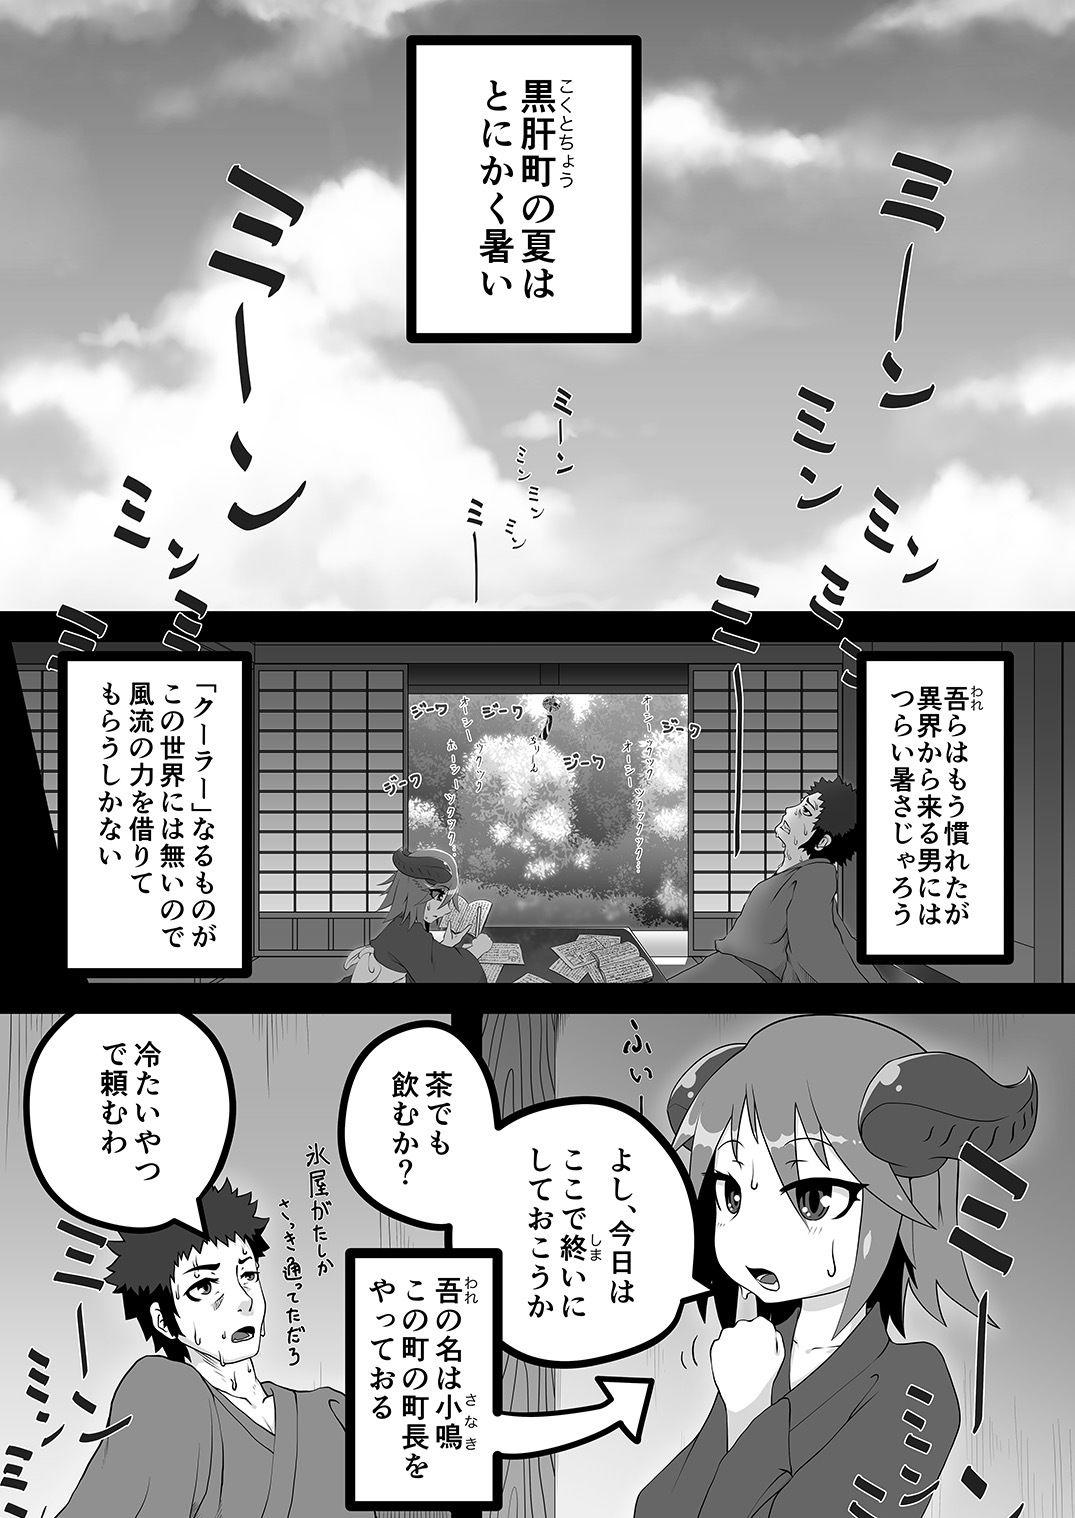 【ウツロちゃん書店 同人】黒肝町見聞録其の参